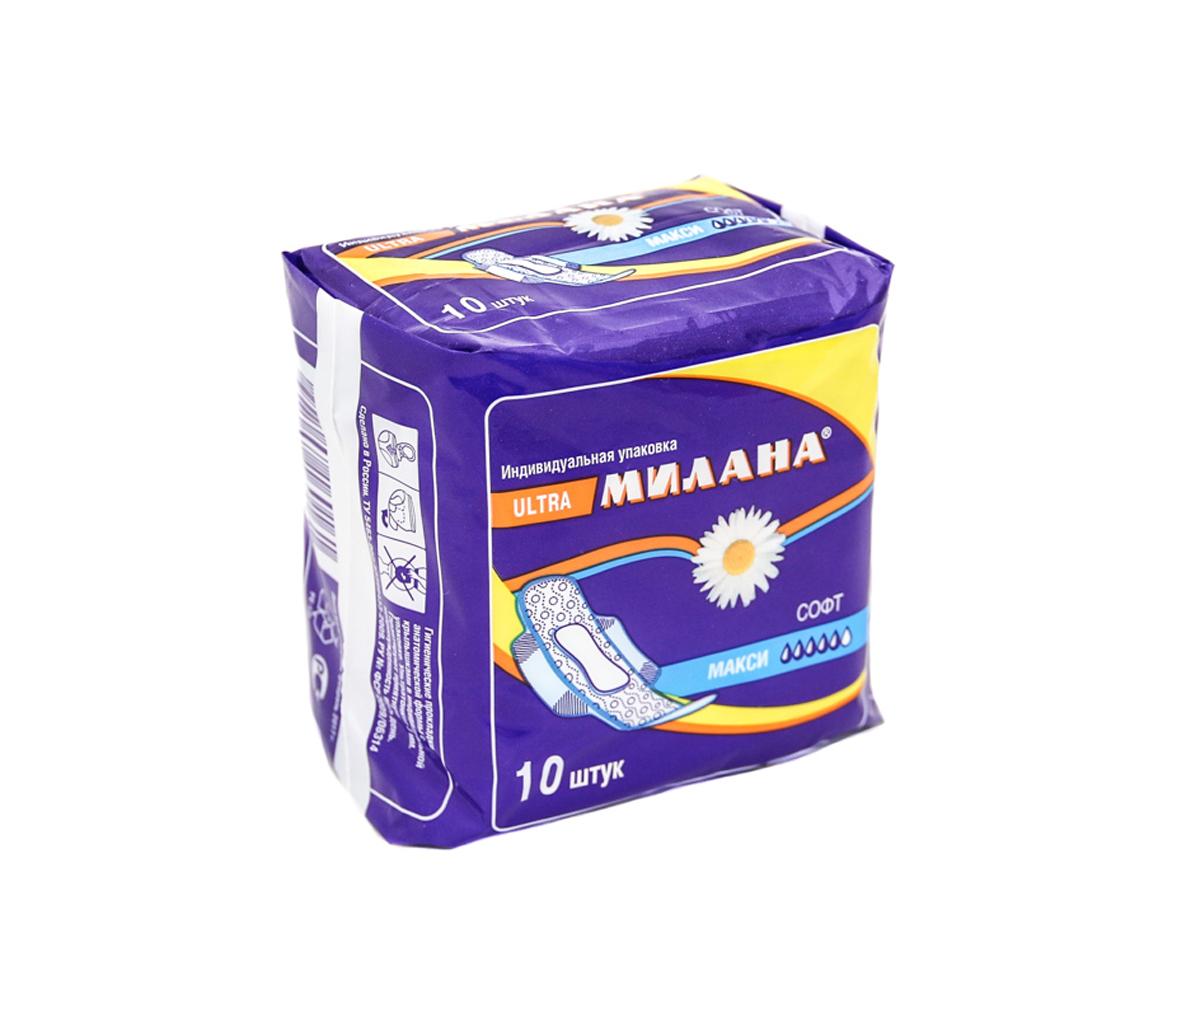 Милана Ультратонкие прокладки женские Ультра Макси Софт, 10 шт303Ультра макси СОФТ - ультратонкие прокладки для критических дней.Максимально удлиненная форма (260 мм) обеспечивает увеличение впитываемости.Впитывающий слой Айрлайд - прессованная целлюлоза с добавлением гранул геля для фиксации жидкости внутри прокладки.Верхний слой - мягкое покрытие СОФТ - не вызывает аллергии и раздражения.Снабжены гибкими крылышками увеличенной формы для надежной фиксации и защиты белья.В упаковке 10 прокладок, каждая в индивидуальной упаковке.